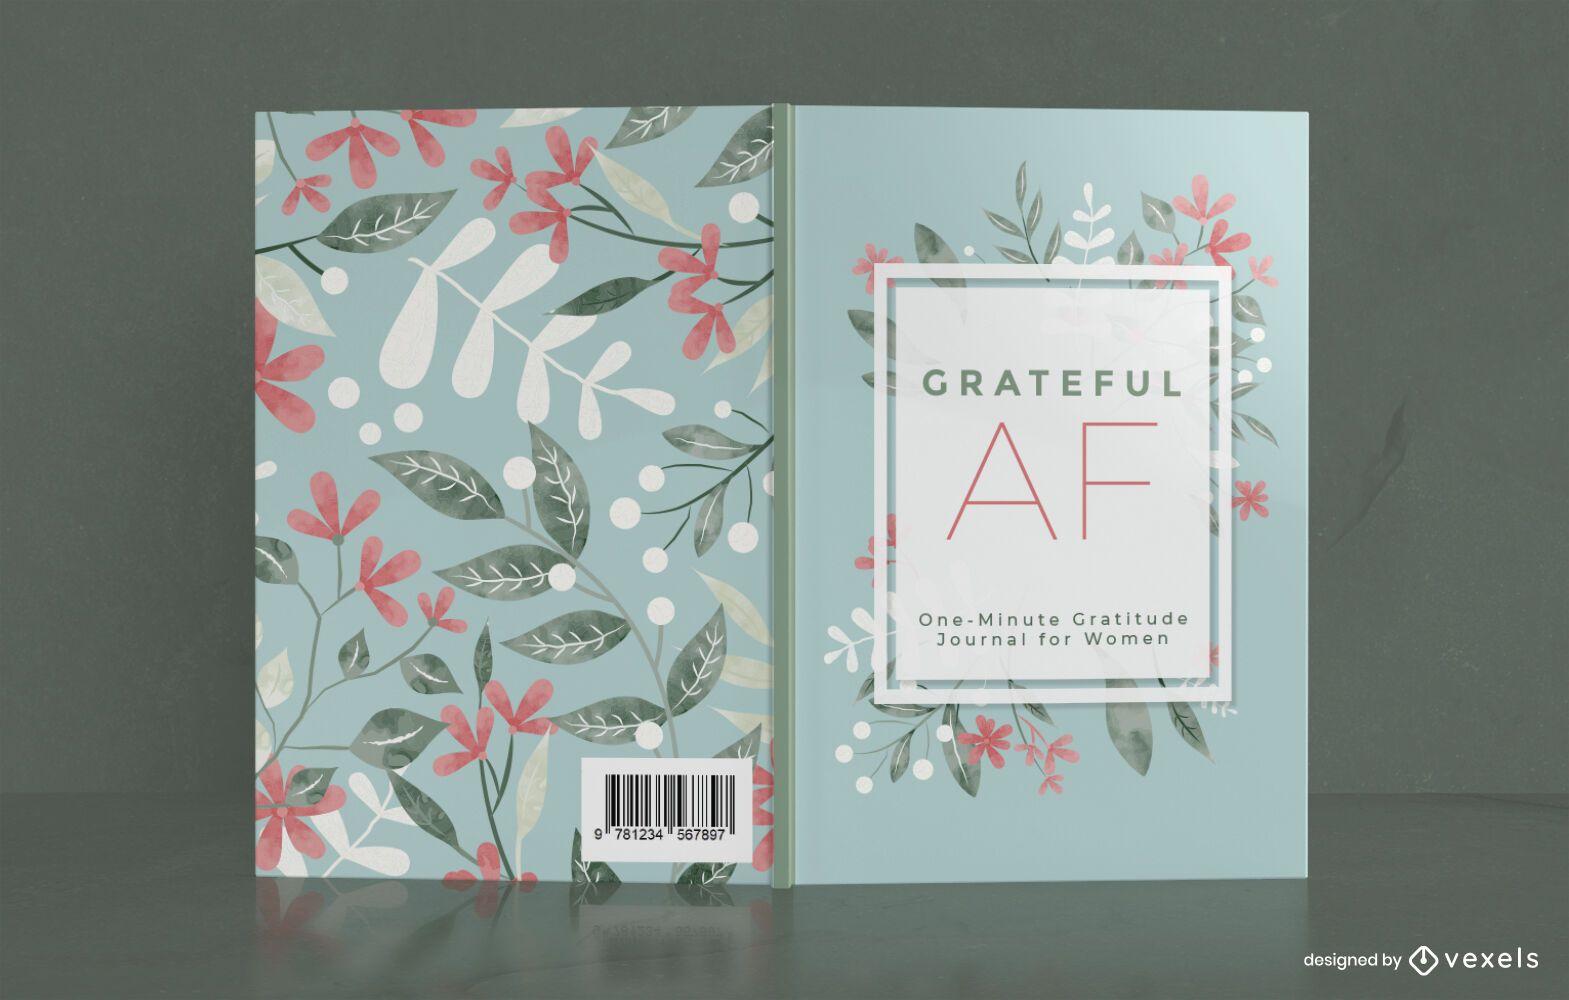 Flower Gratitude Journal Book Cover Design